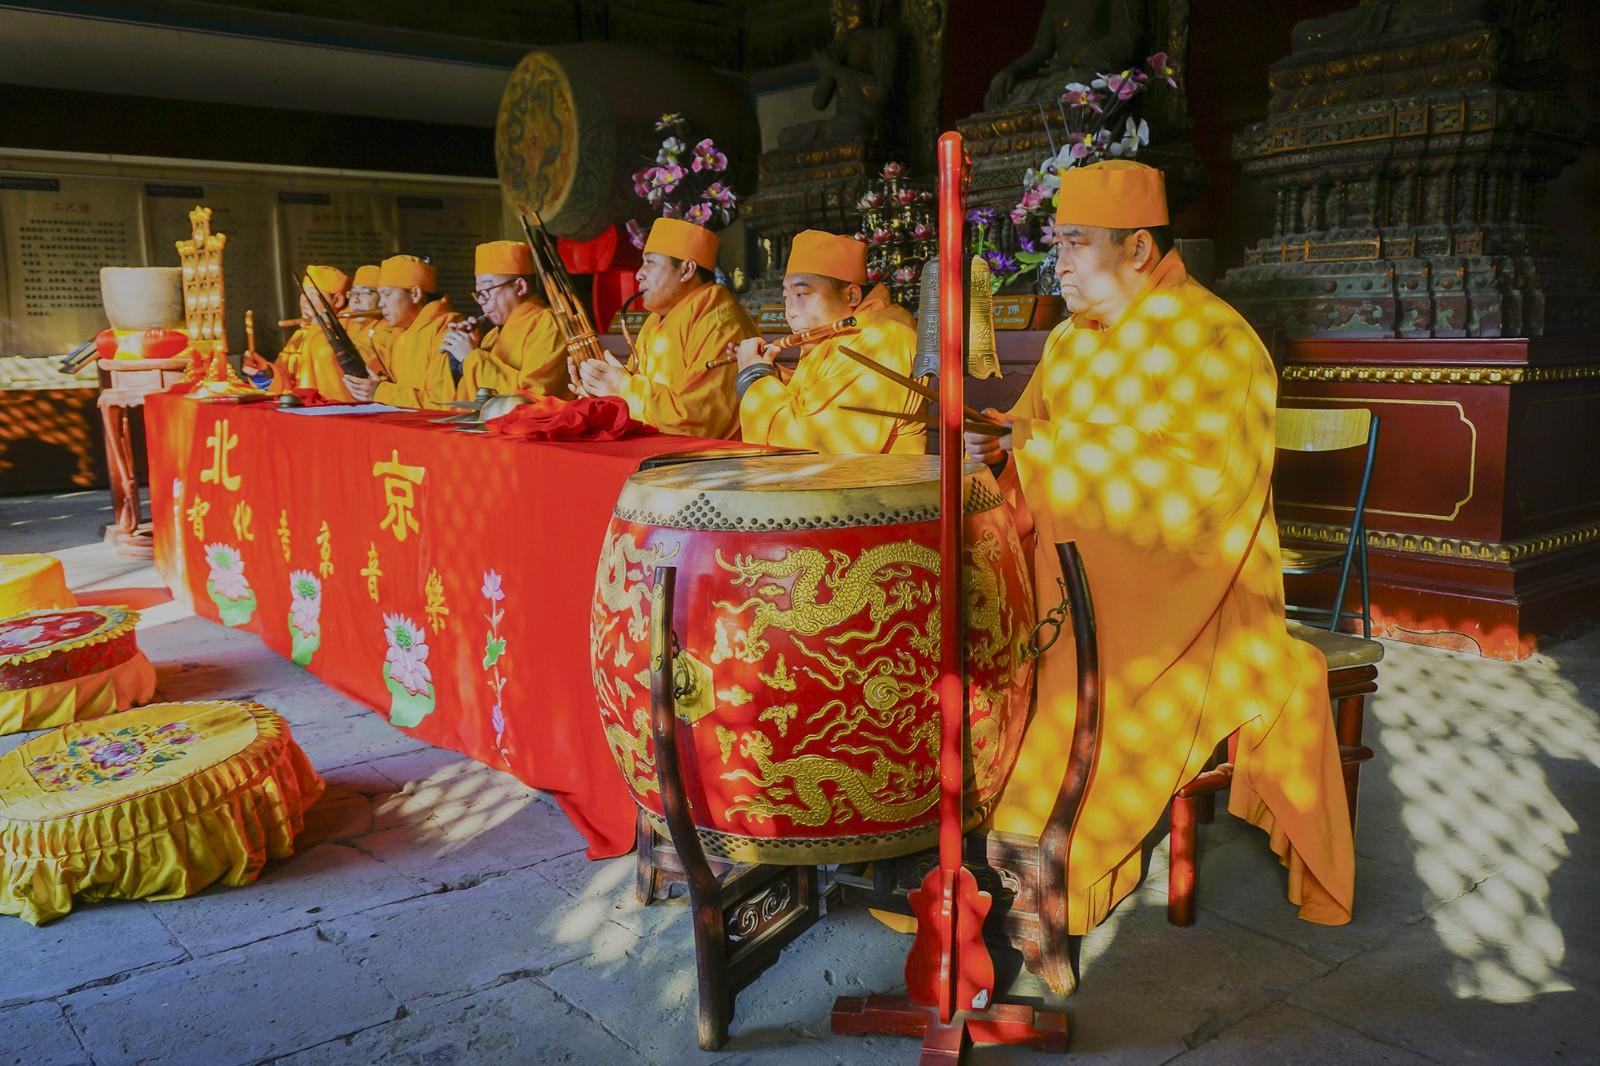 【非遗传承--智化寺京音乐】组照6-2   王越   13601098050    2017年1月11日拍摄于北京智化寺_副本.jpg